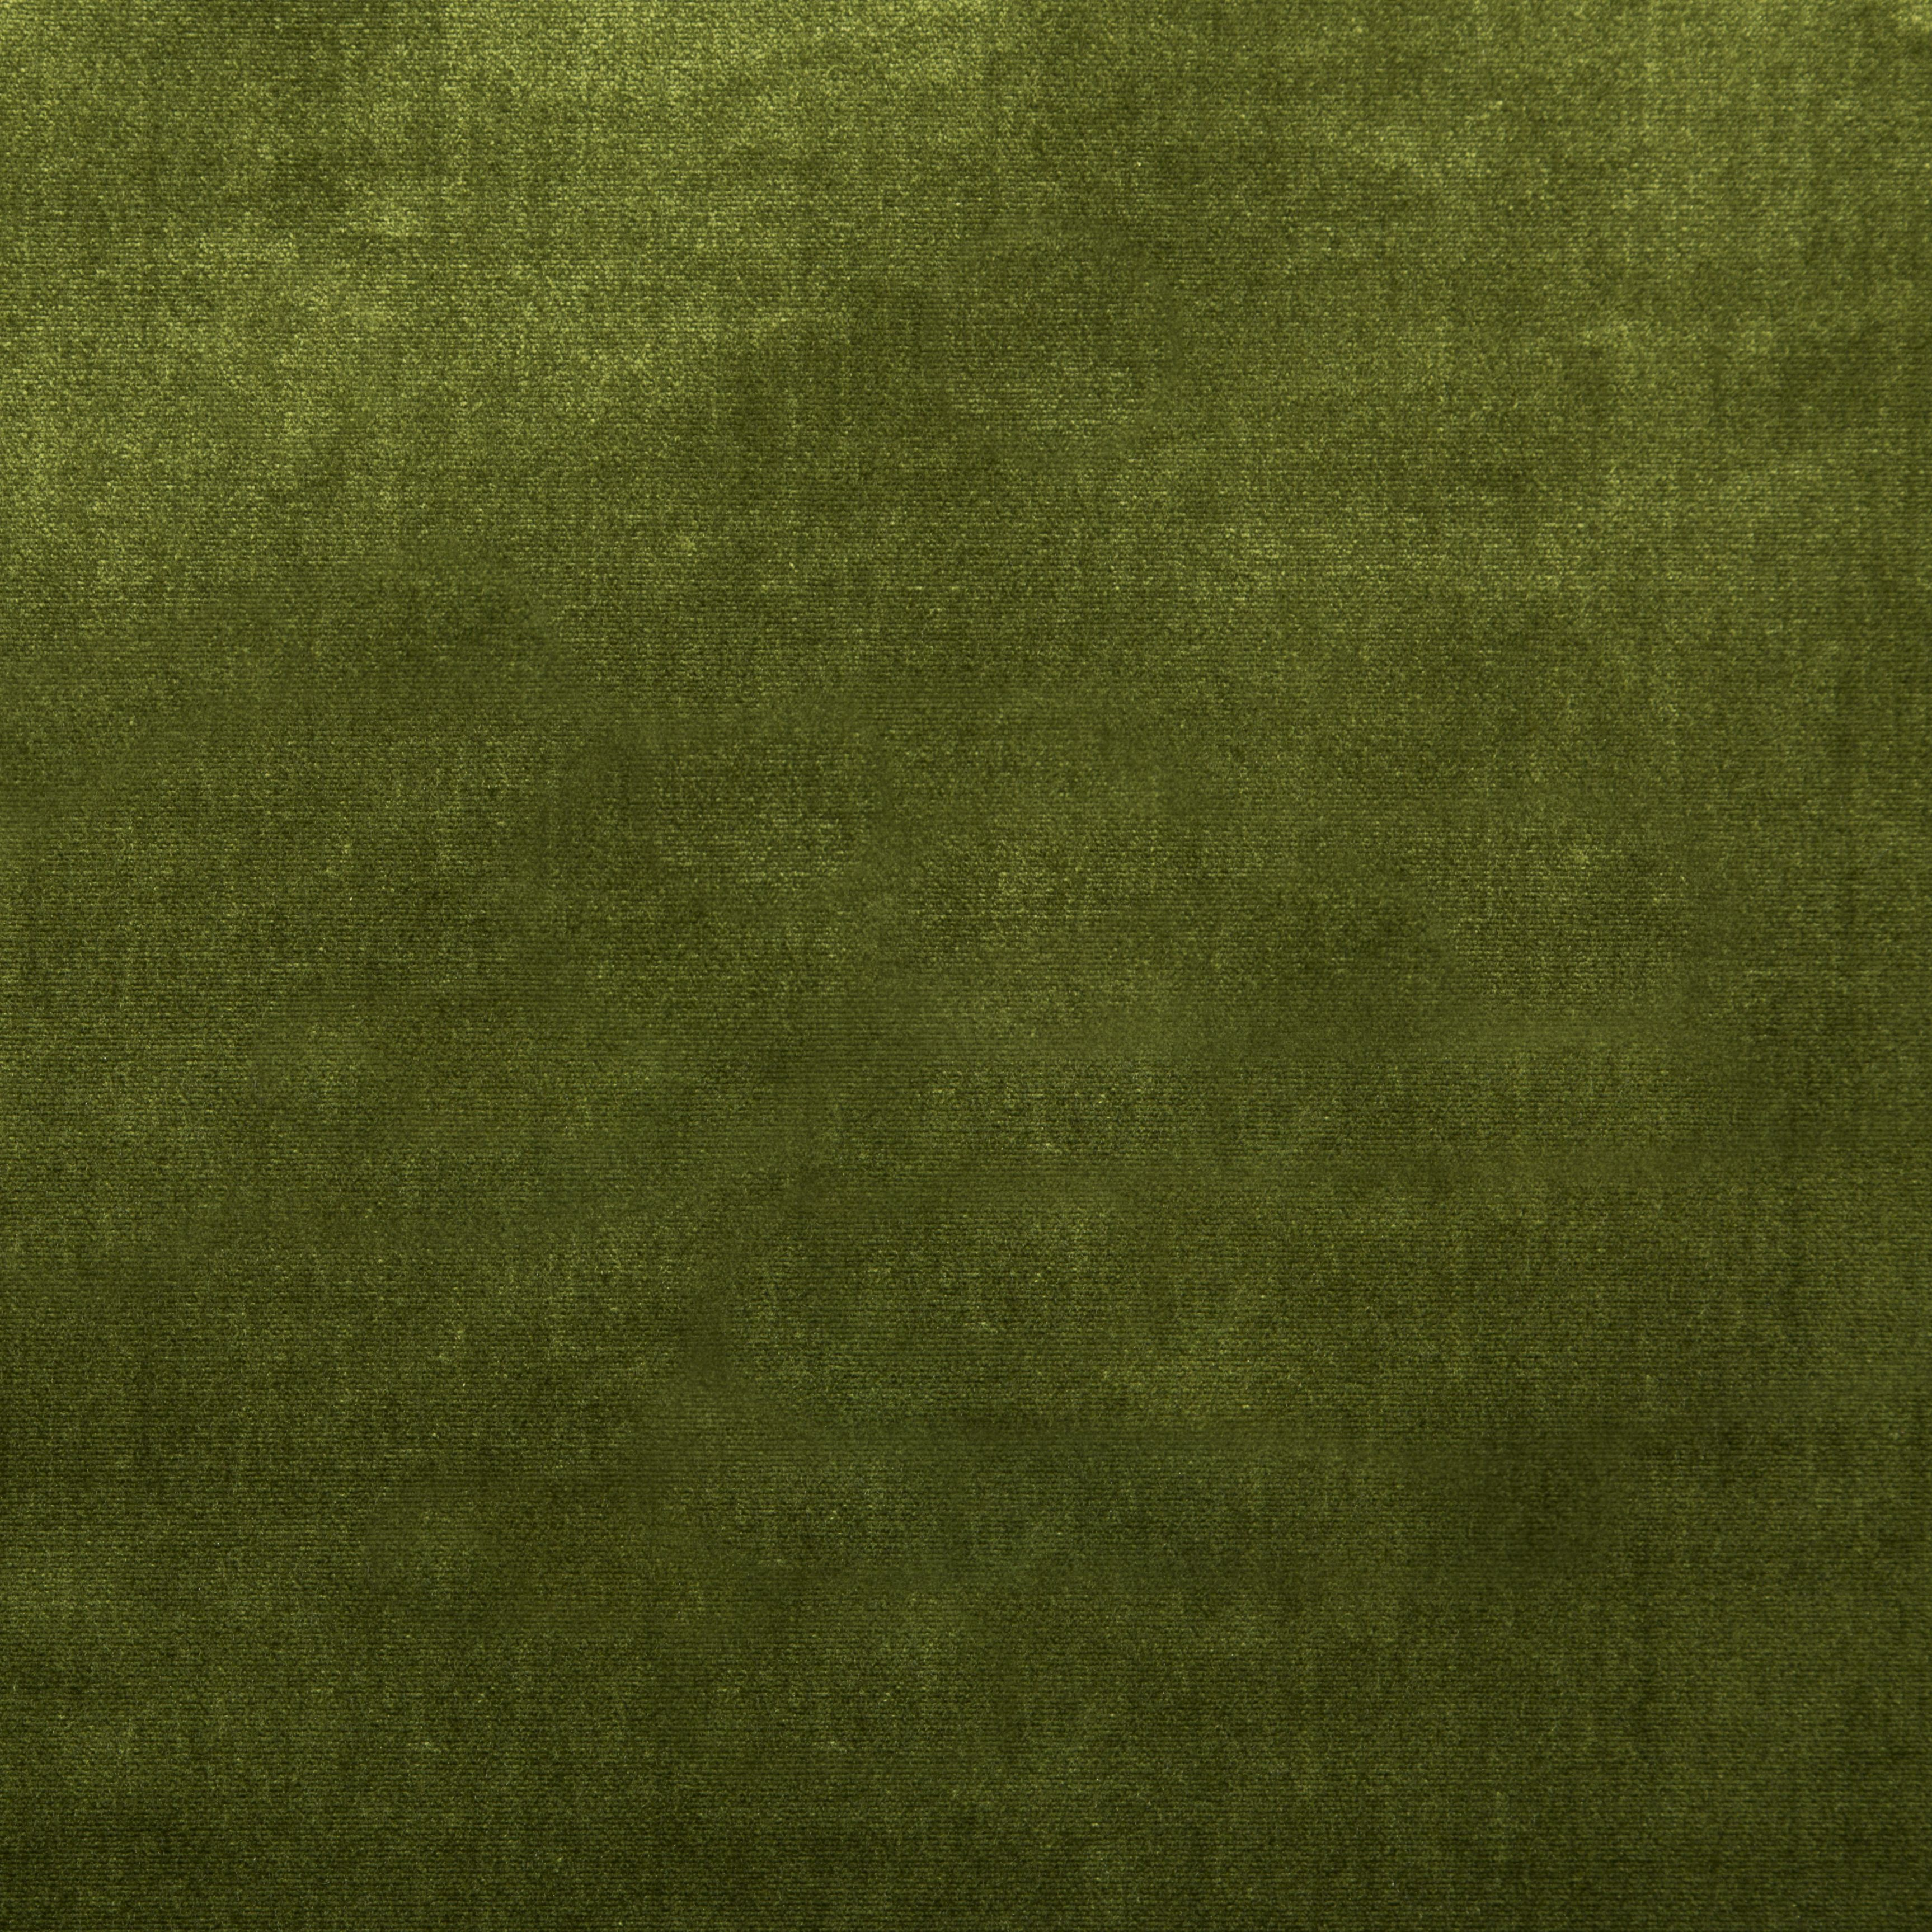 Duchess Velvet Olive Green Velvet Fabric Green Velvet Pillow Textured Carpet